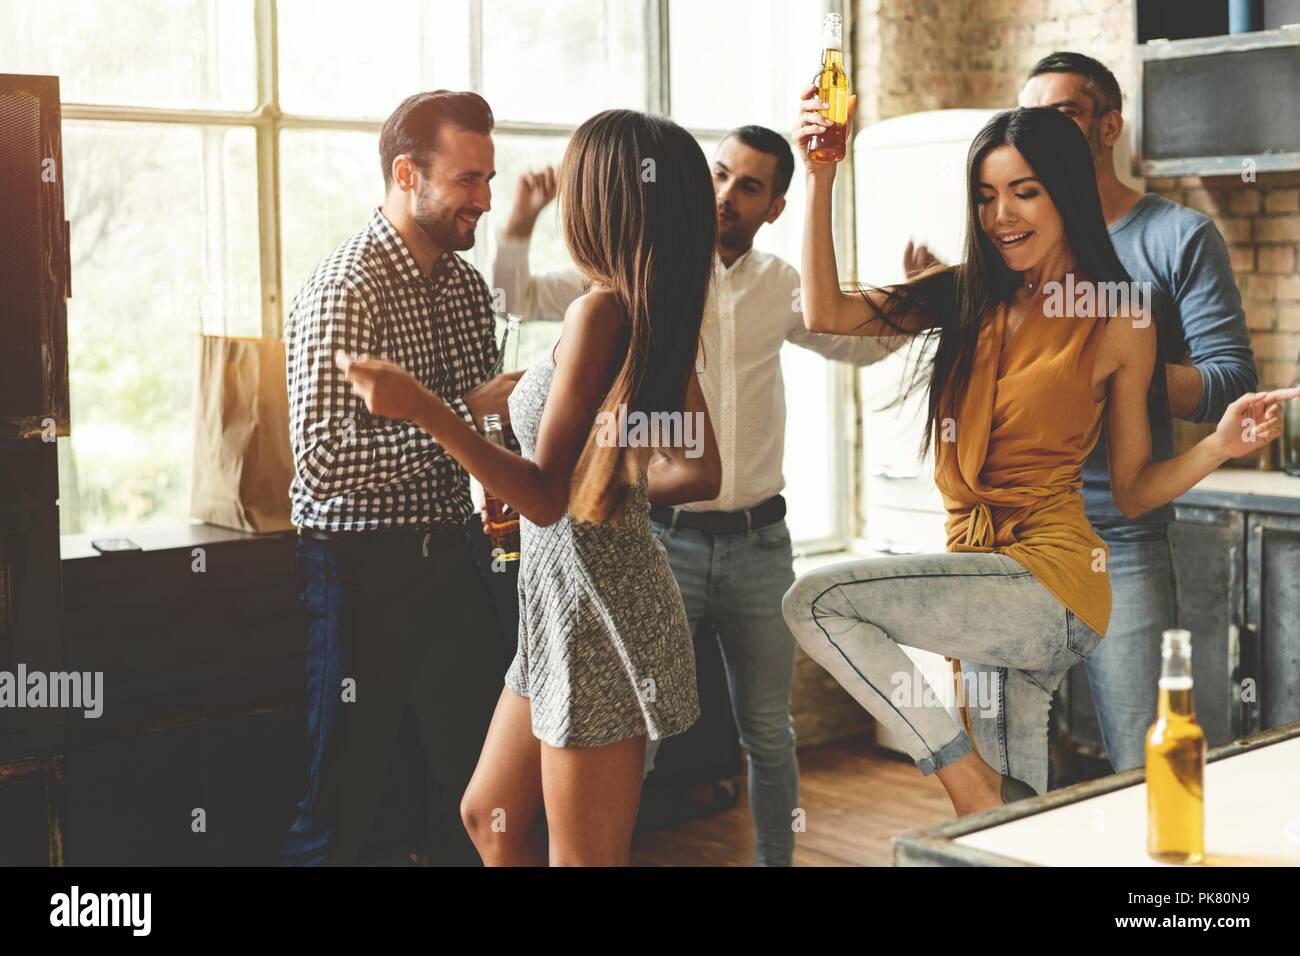 Genießen Party mit den besten Freunden. Fröhlicher junger Leute tanzen und trinken und genießen Home Party in der Küche. Stockbild